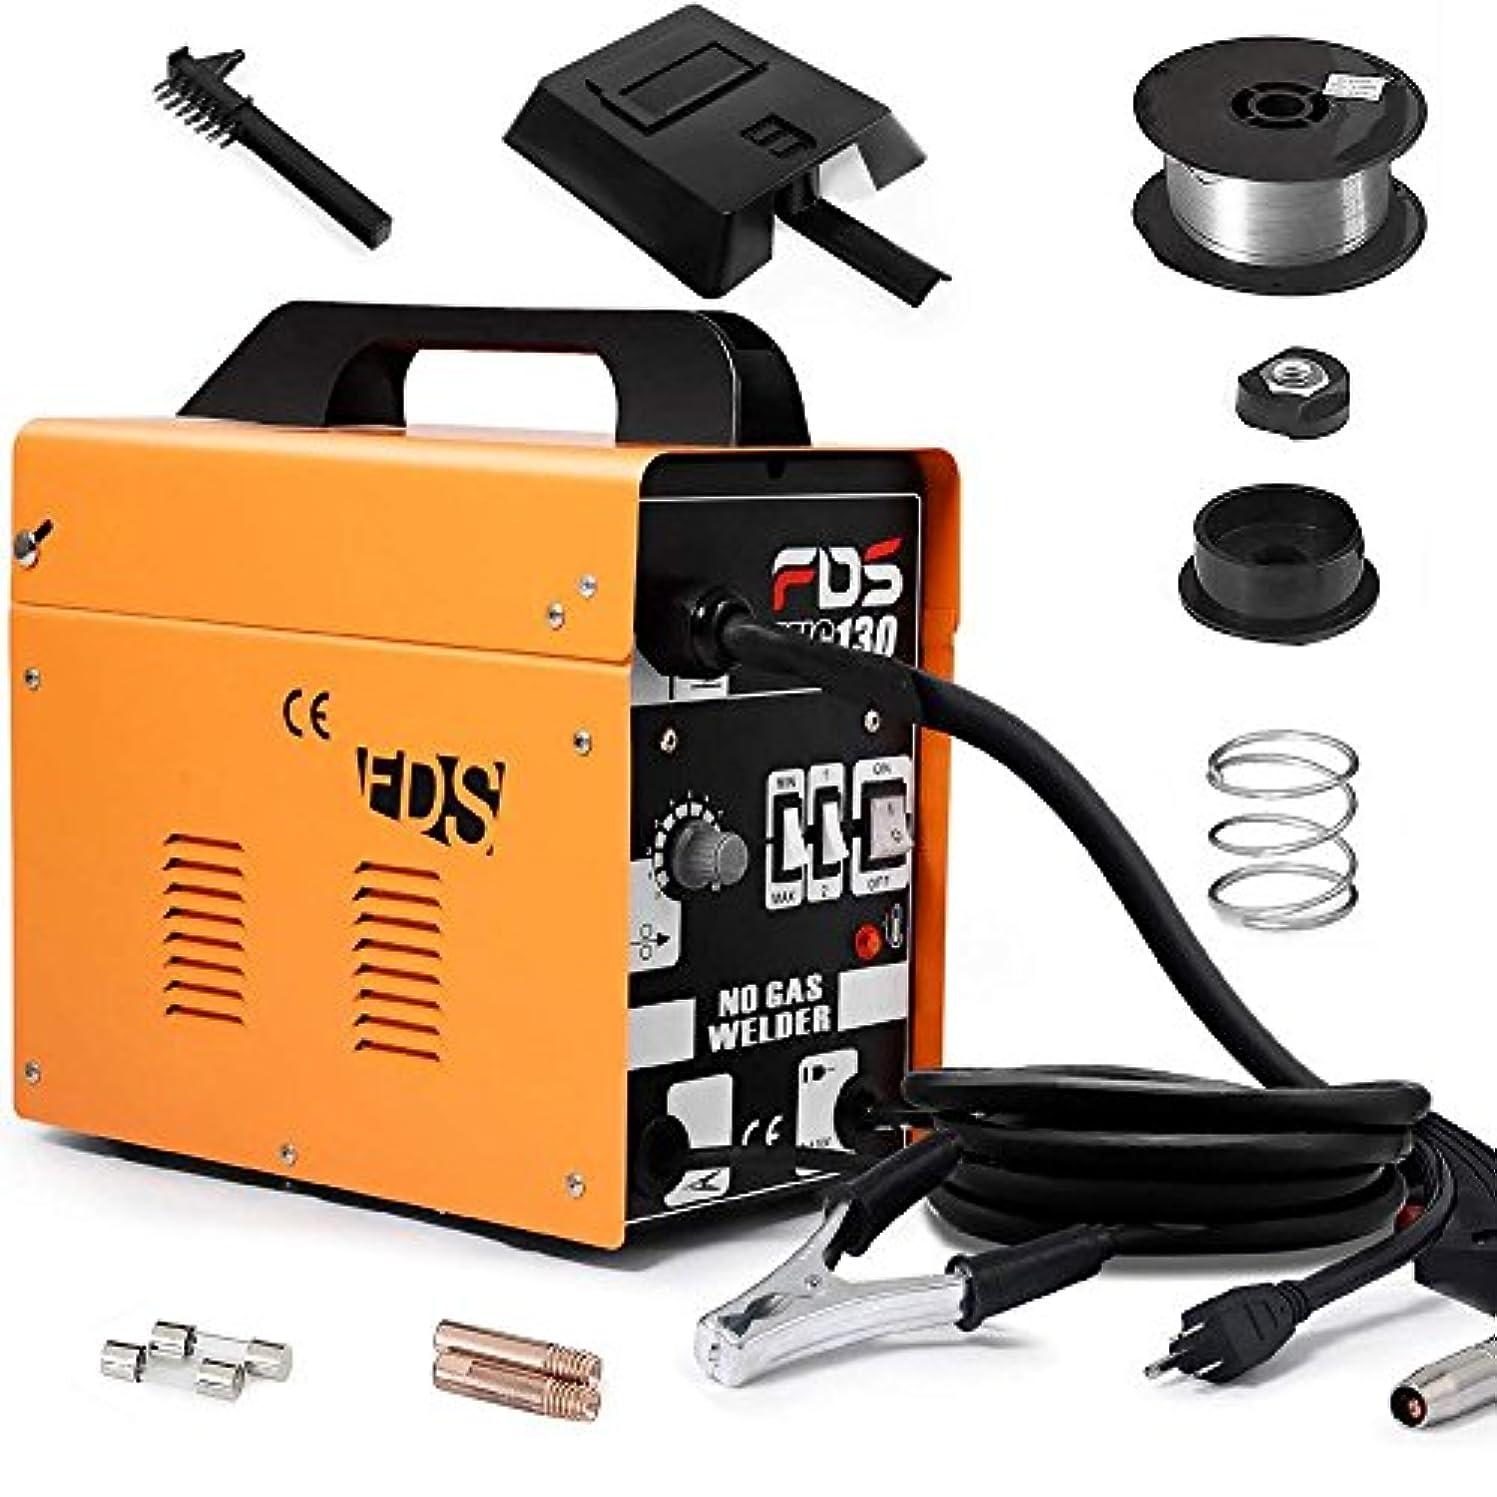 Goplus MIG 130 Welder Flux Core Wire Automatic Feed Welding Machine w/Free Mask wgvq5925988